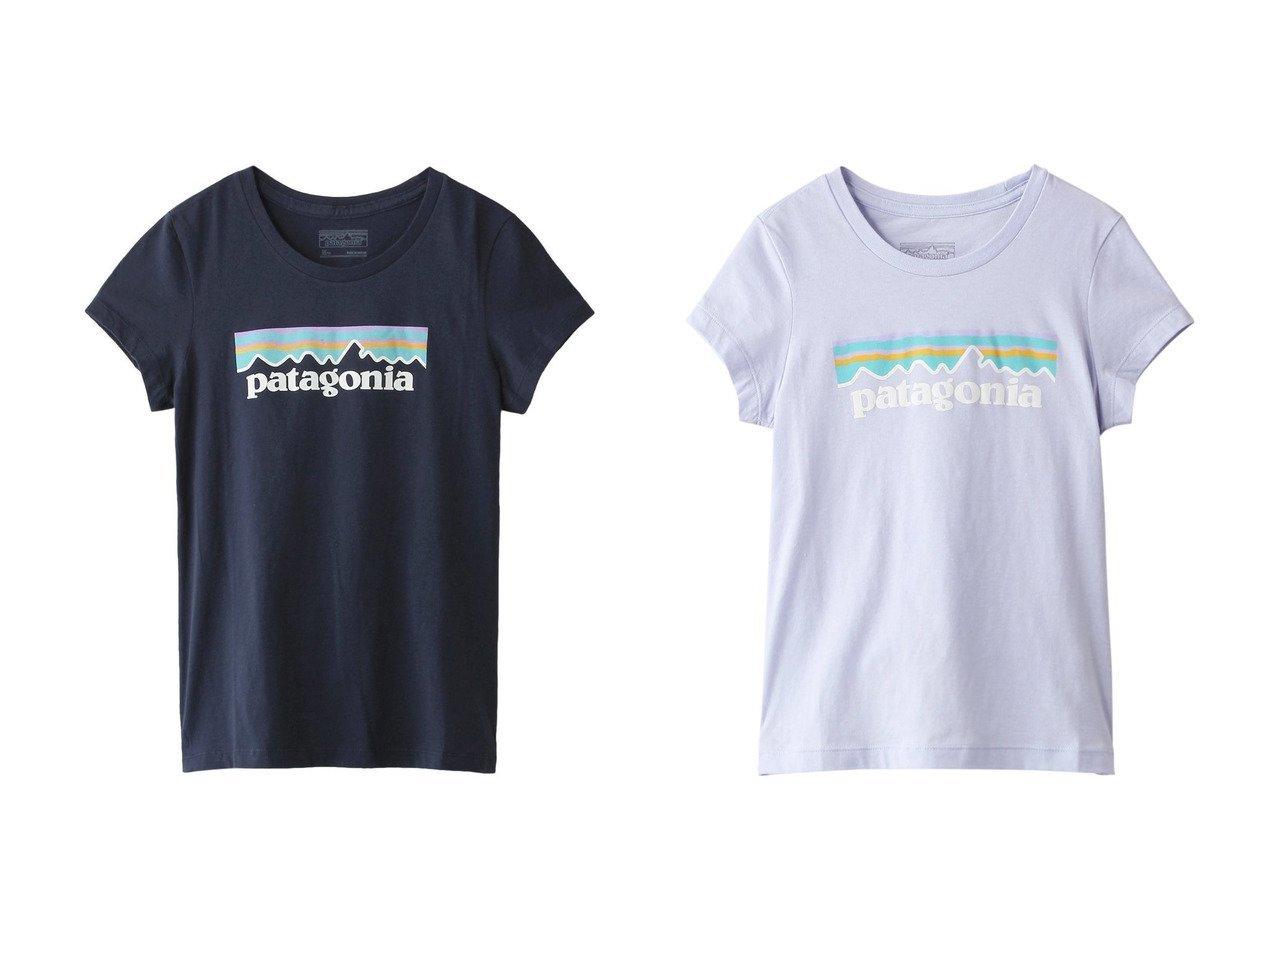 【patagonia / KIDS/パタゴニア】の【KIDS】Girls パステル P-6 ロゴオーガニックTシャツ 【KIDS】子供服のおすすめ!人気トレンド・キッズファッションの通販  おすすめで人気の流行・トレンド、ファッションの通販商品 メンズファッション・キッズファッション・インテリア・家具・レディースファッション・服の通販 founy(ファニー) https://founy.com/ ファッション Fashion キッズファッション KIDS トップス カットソー Tops Tees Kids 2021年 2021 2021 春夏 S/S SS Spring/Summer 2021 S/S 春夏 SS Spring/Summer クラシック パステル フィット プリント レギュラー 春 Spring |ID:crp329100000025392